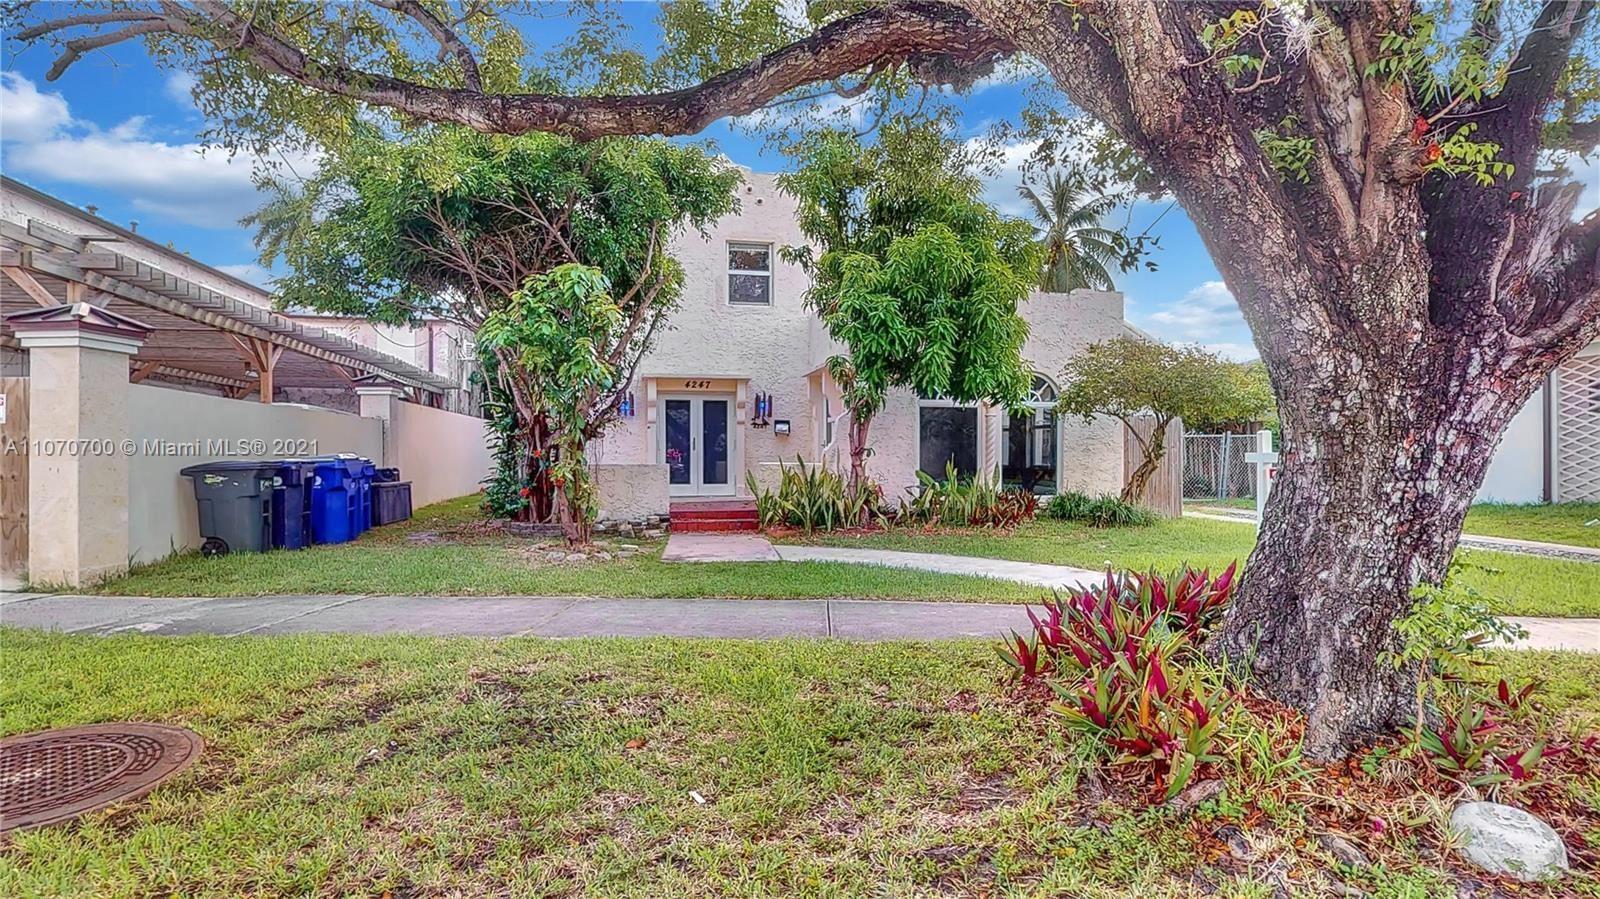 4247 N Bay Rd, Miami Beach, FL 33140 - #: A11070700